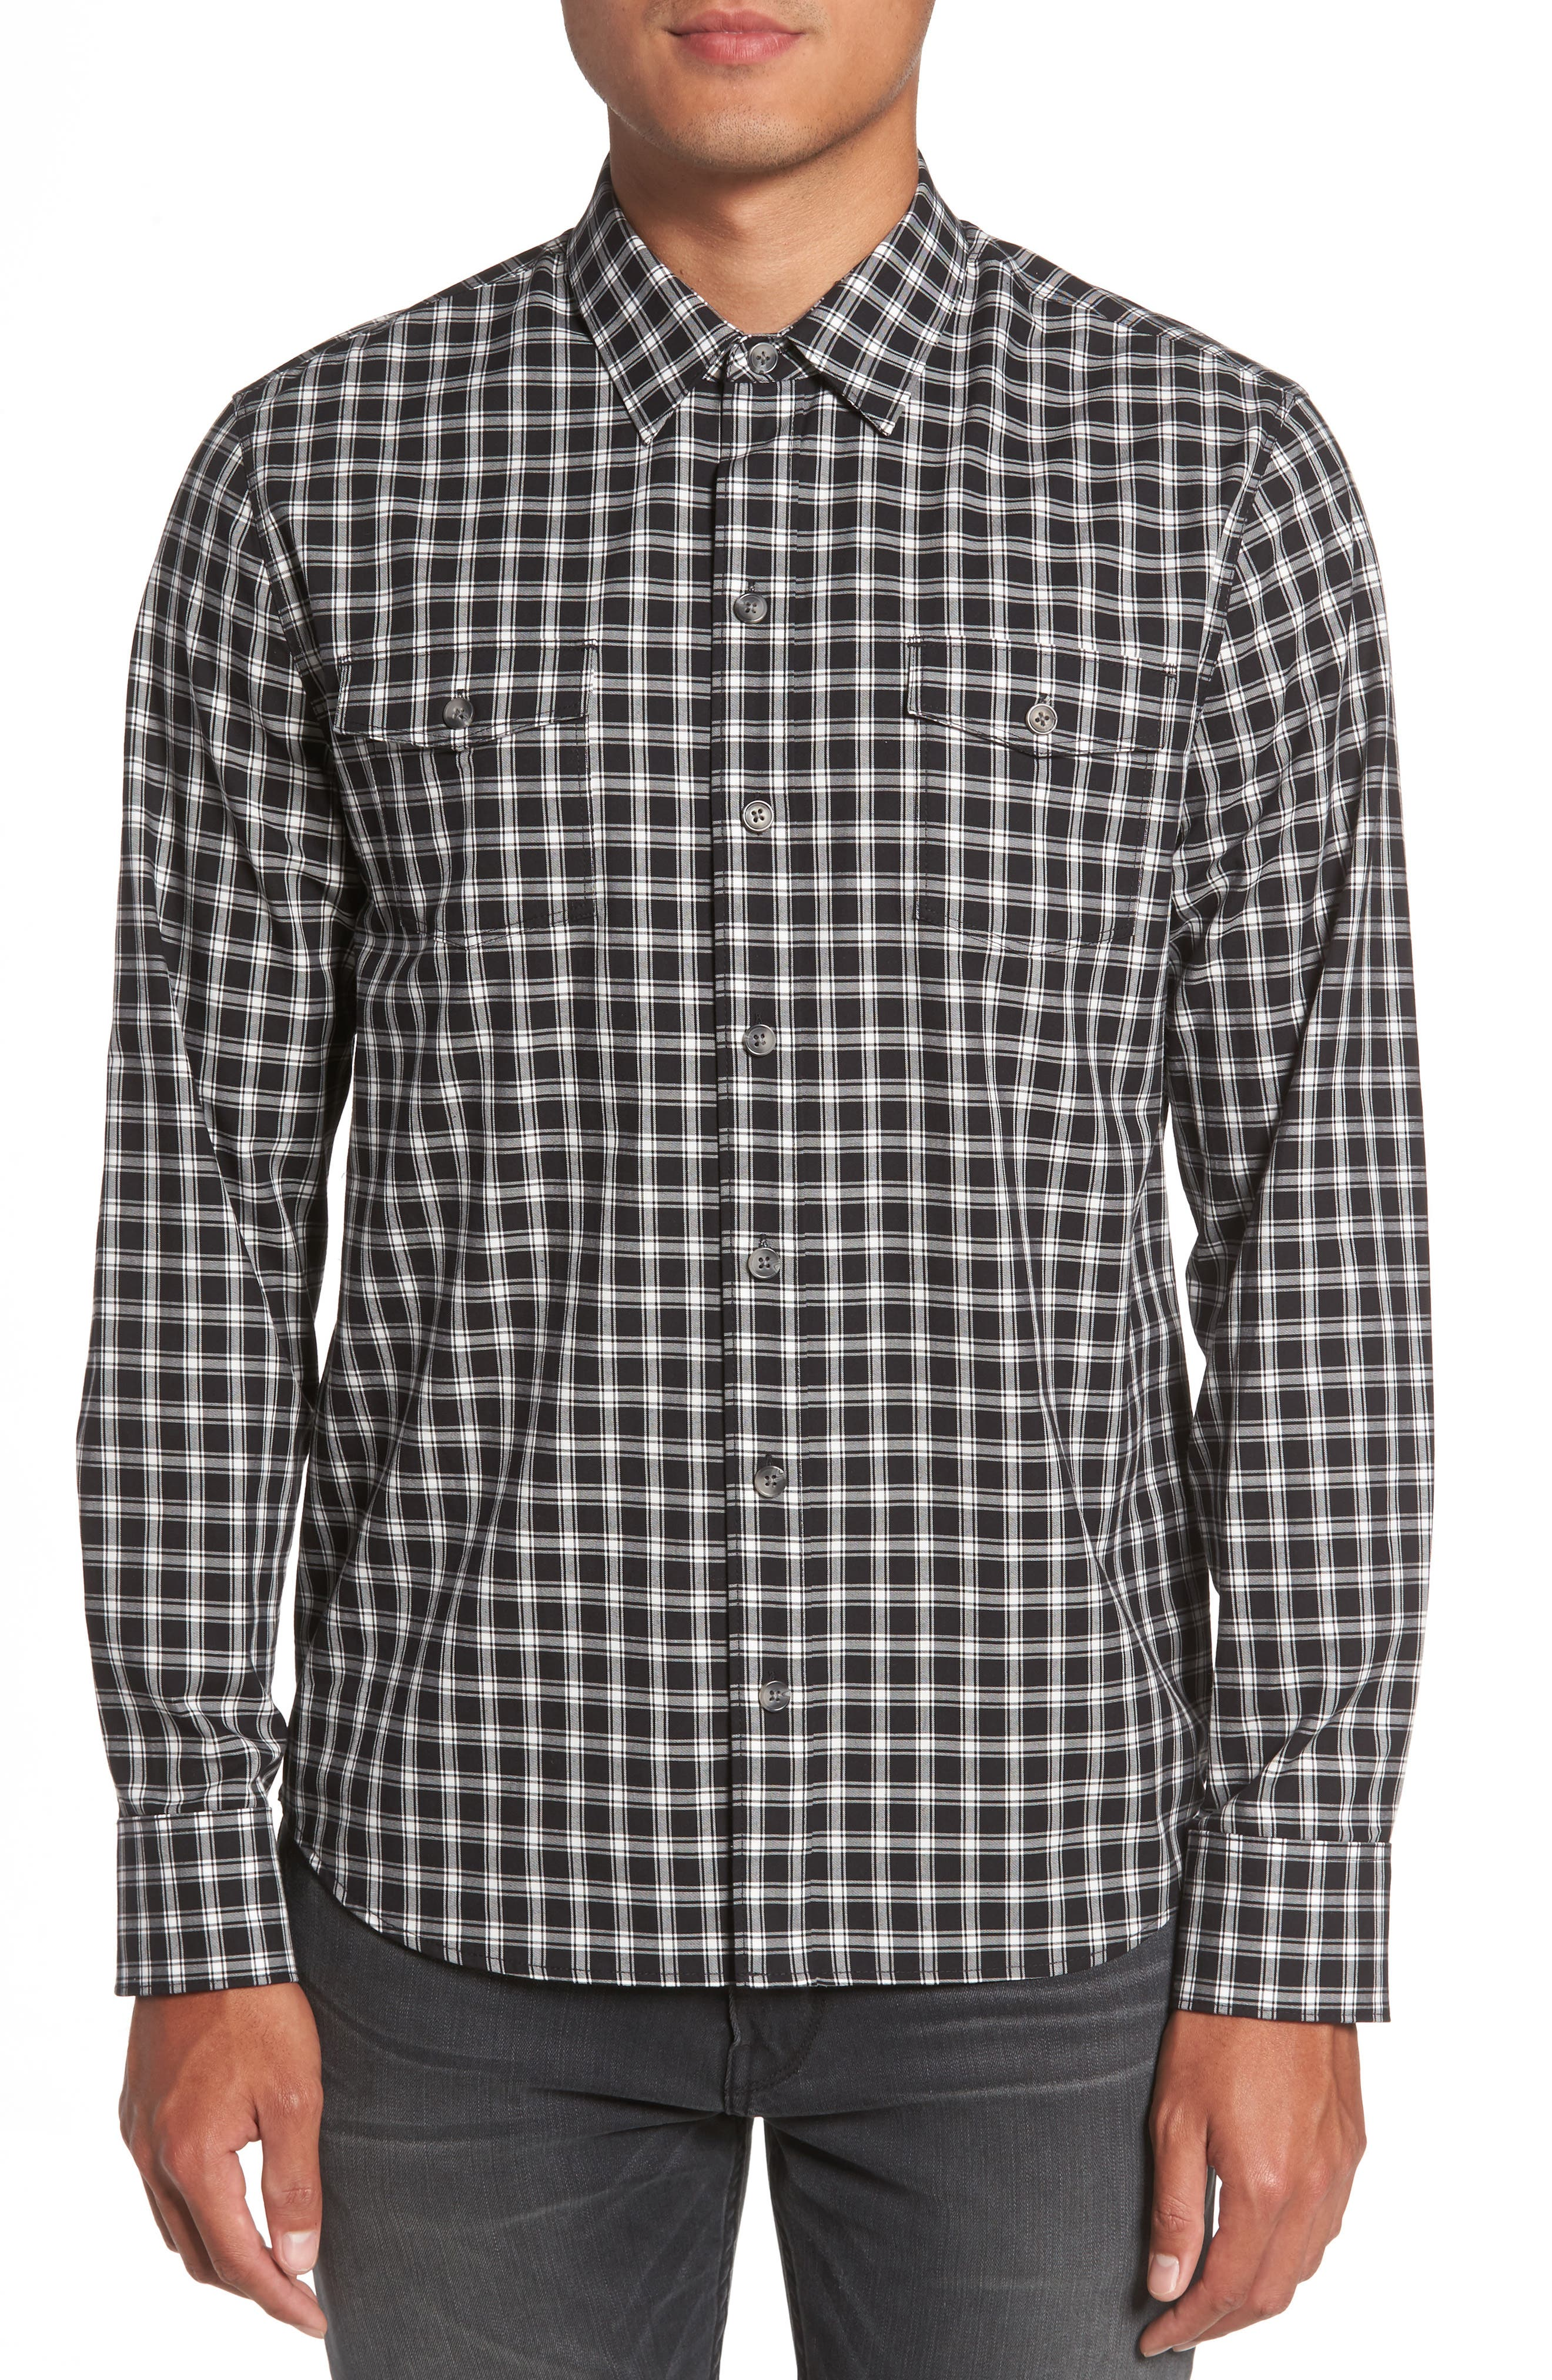 Everett Check Sport Shirt,                         Main,                         color, 001